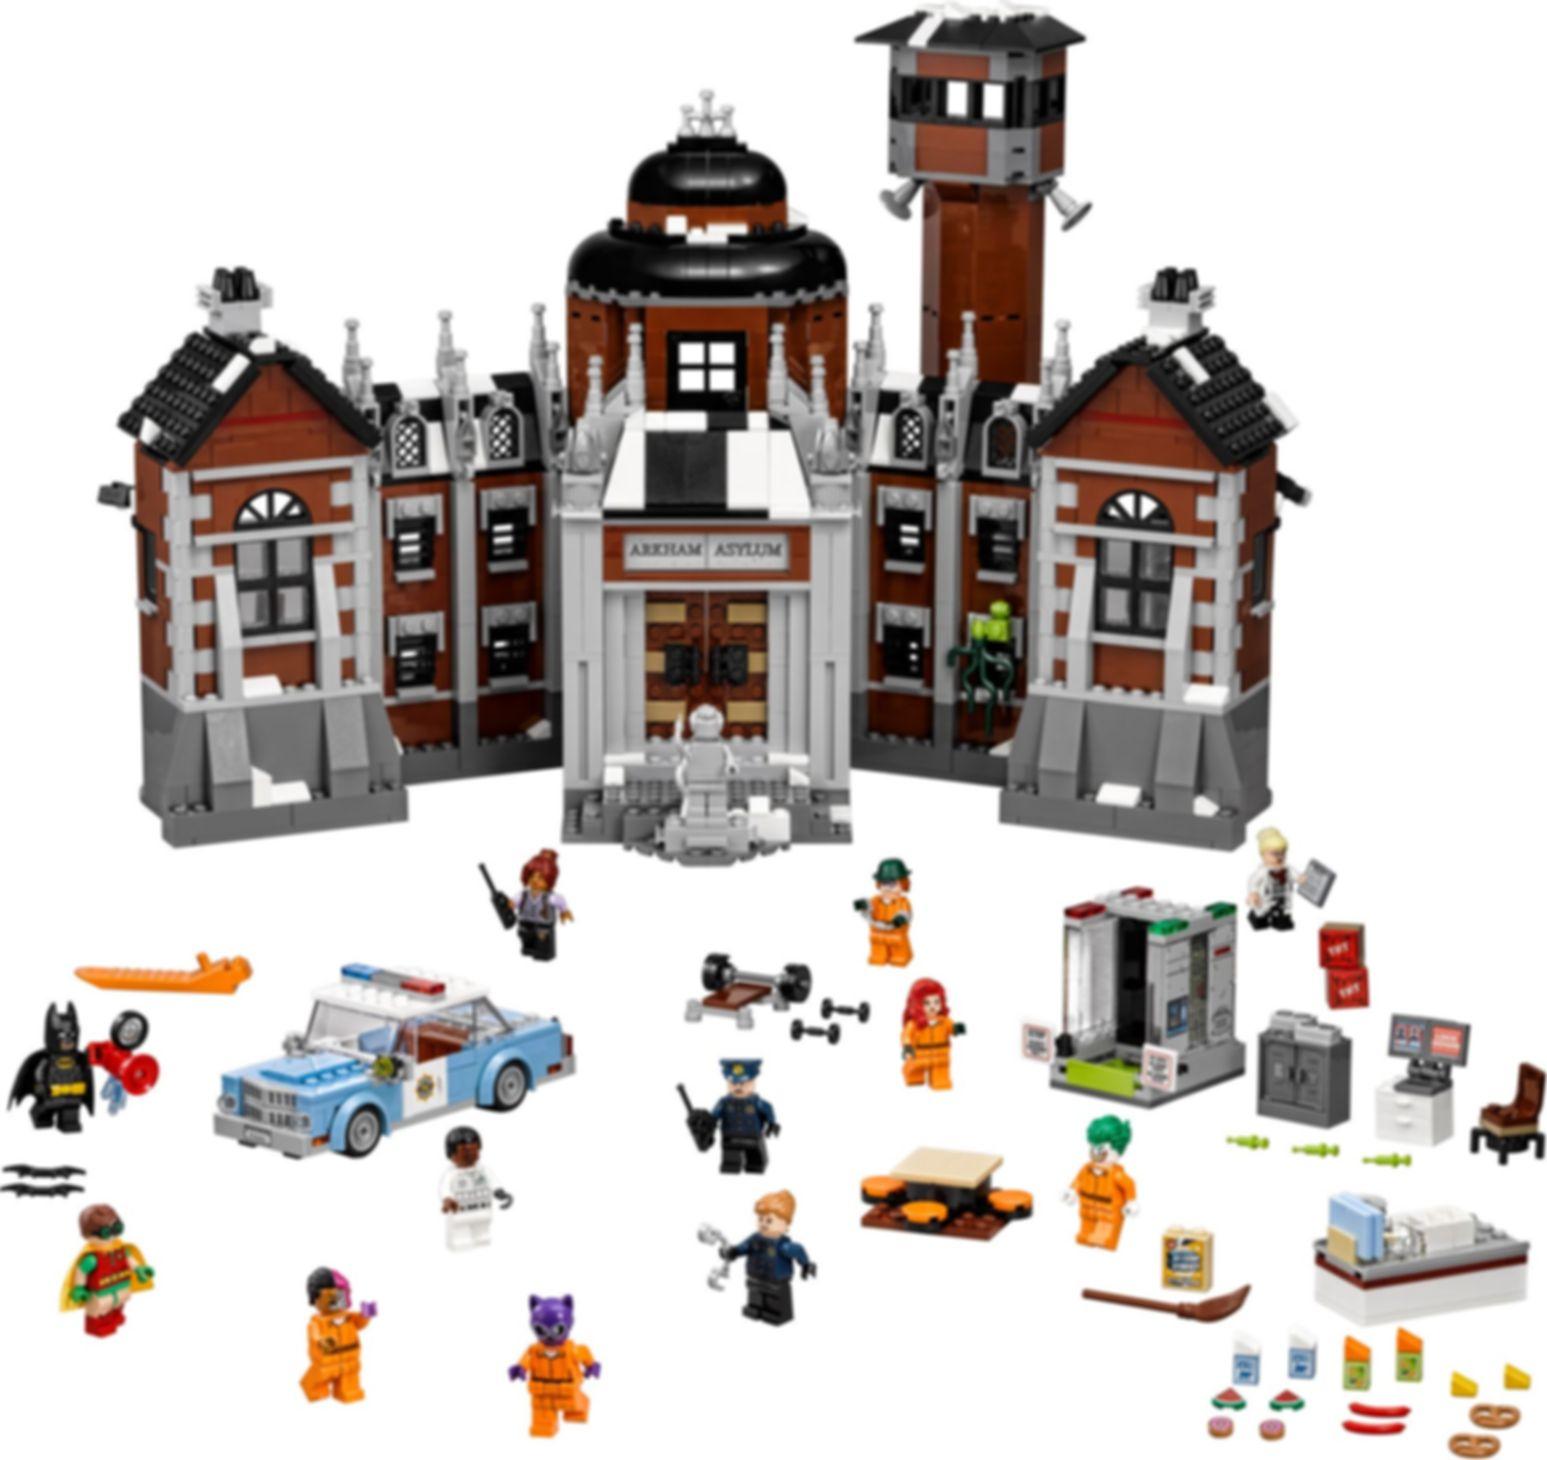 LEGO® Batman Movie Arkham Asylum components